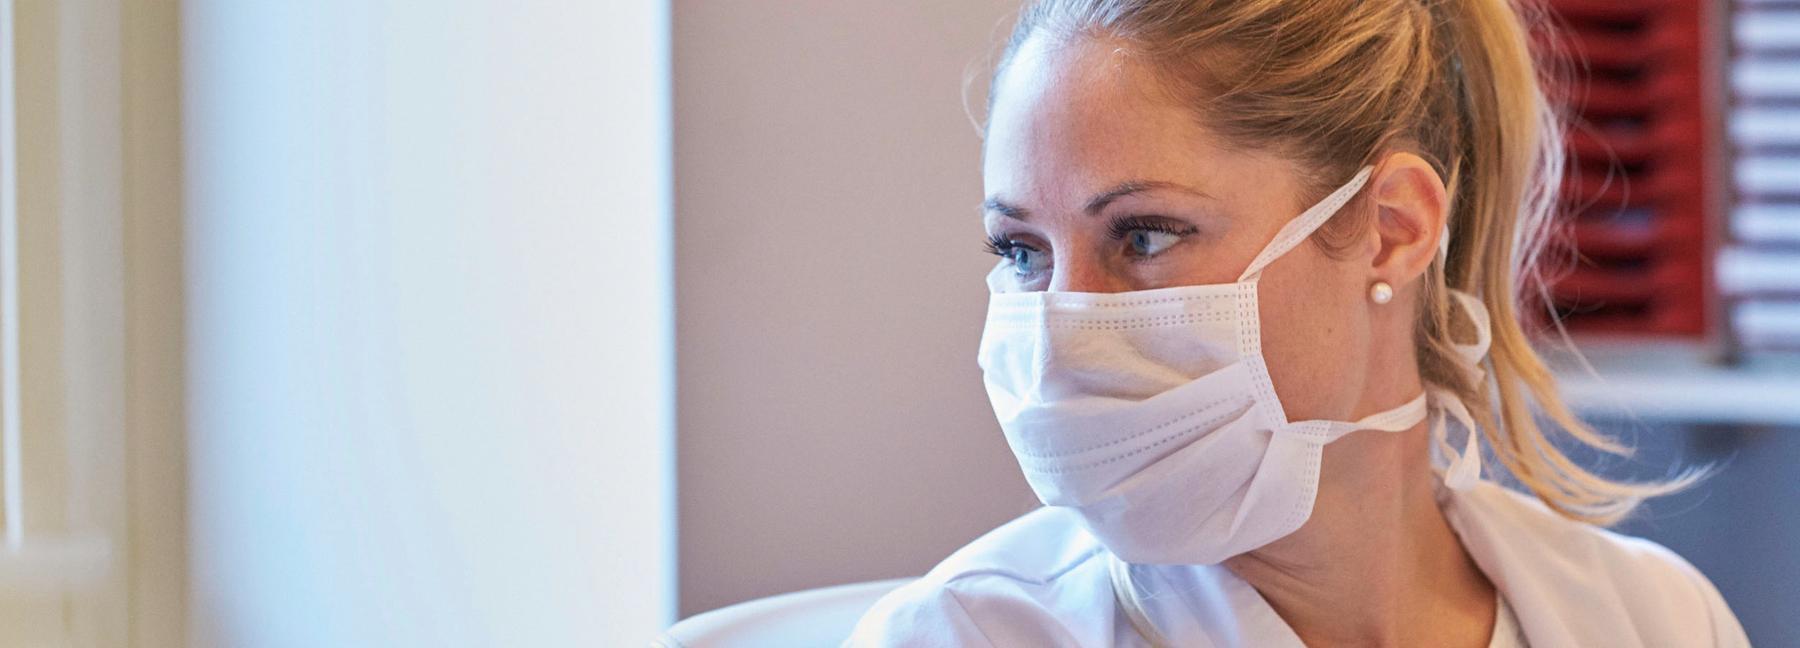 Bilder aus LMU Frauenklinik